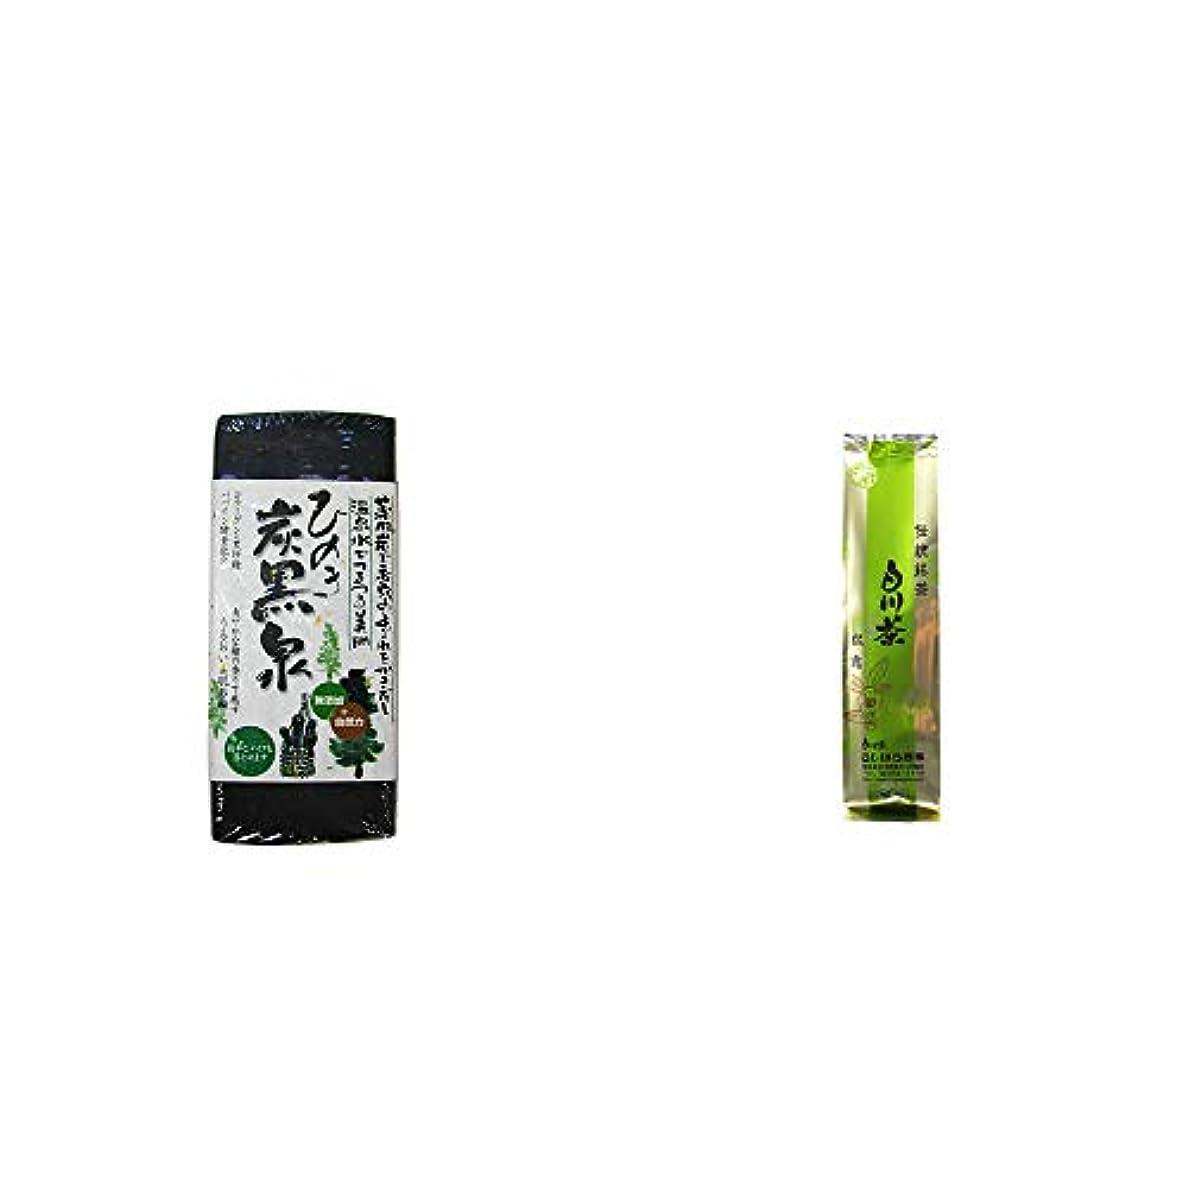 [2点セット] ひのき炭黒泉(75g×2)?白川茶 伝統銘茶【松露】(180g)